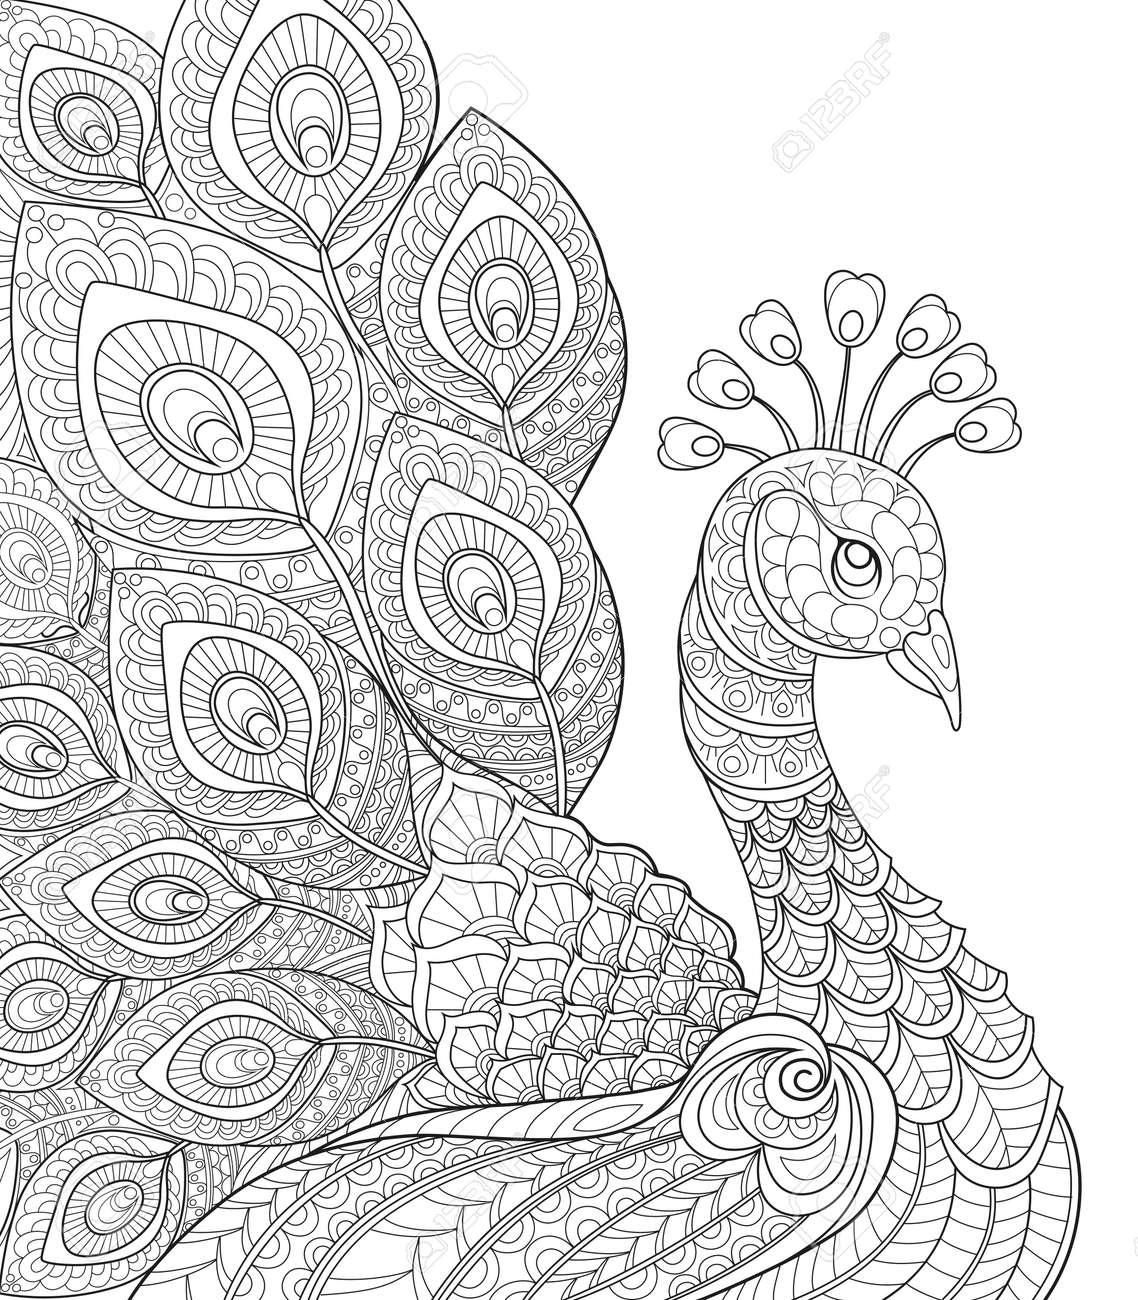 adulte page colorier antistress main doodle noir et blanc dessin pour livre de coloriage